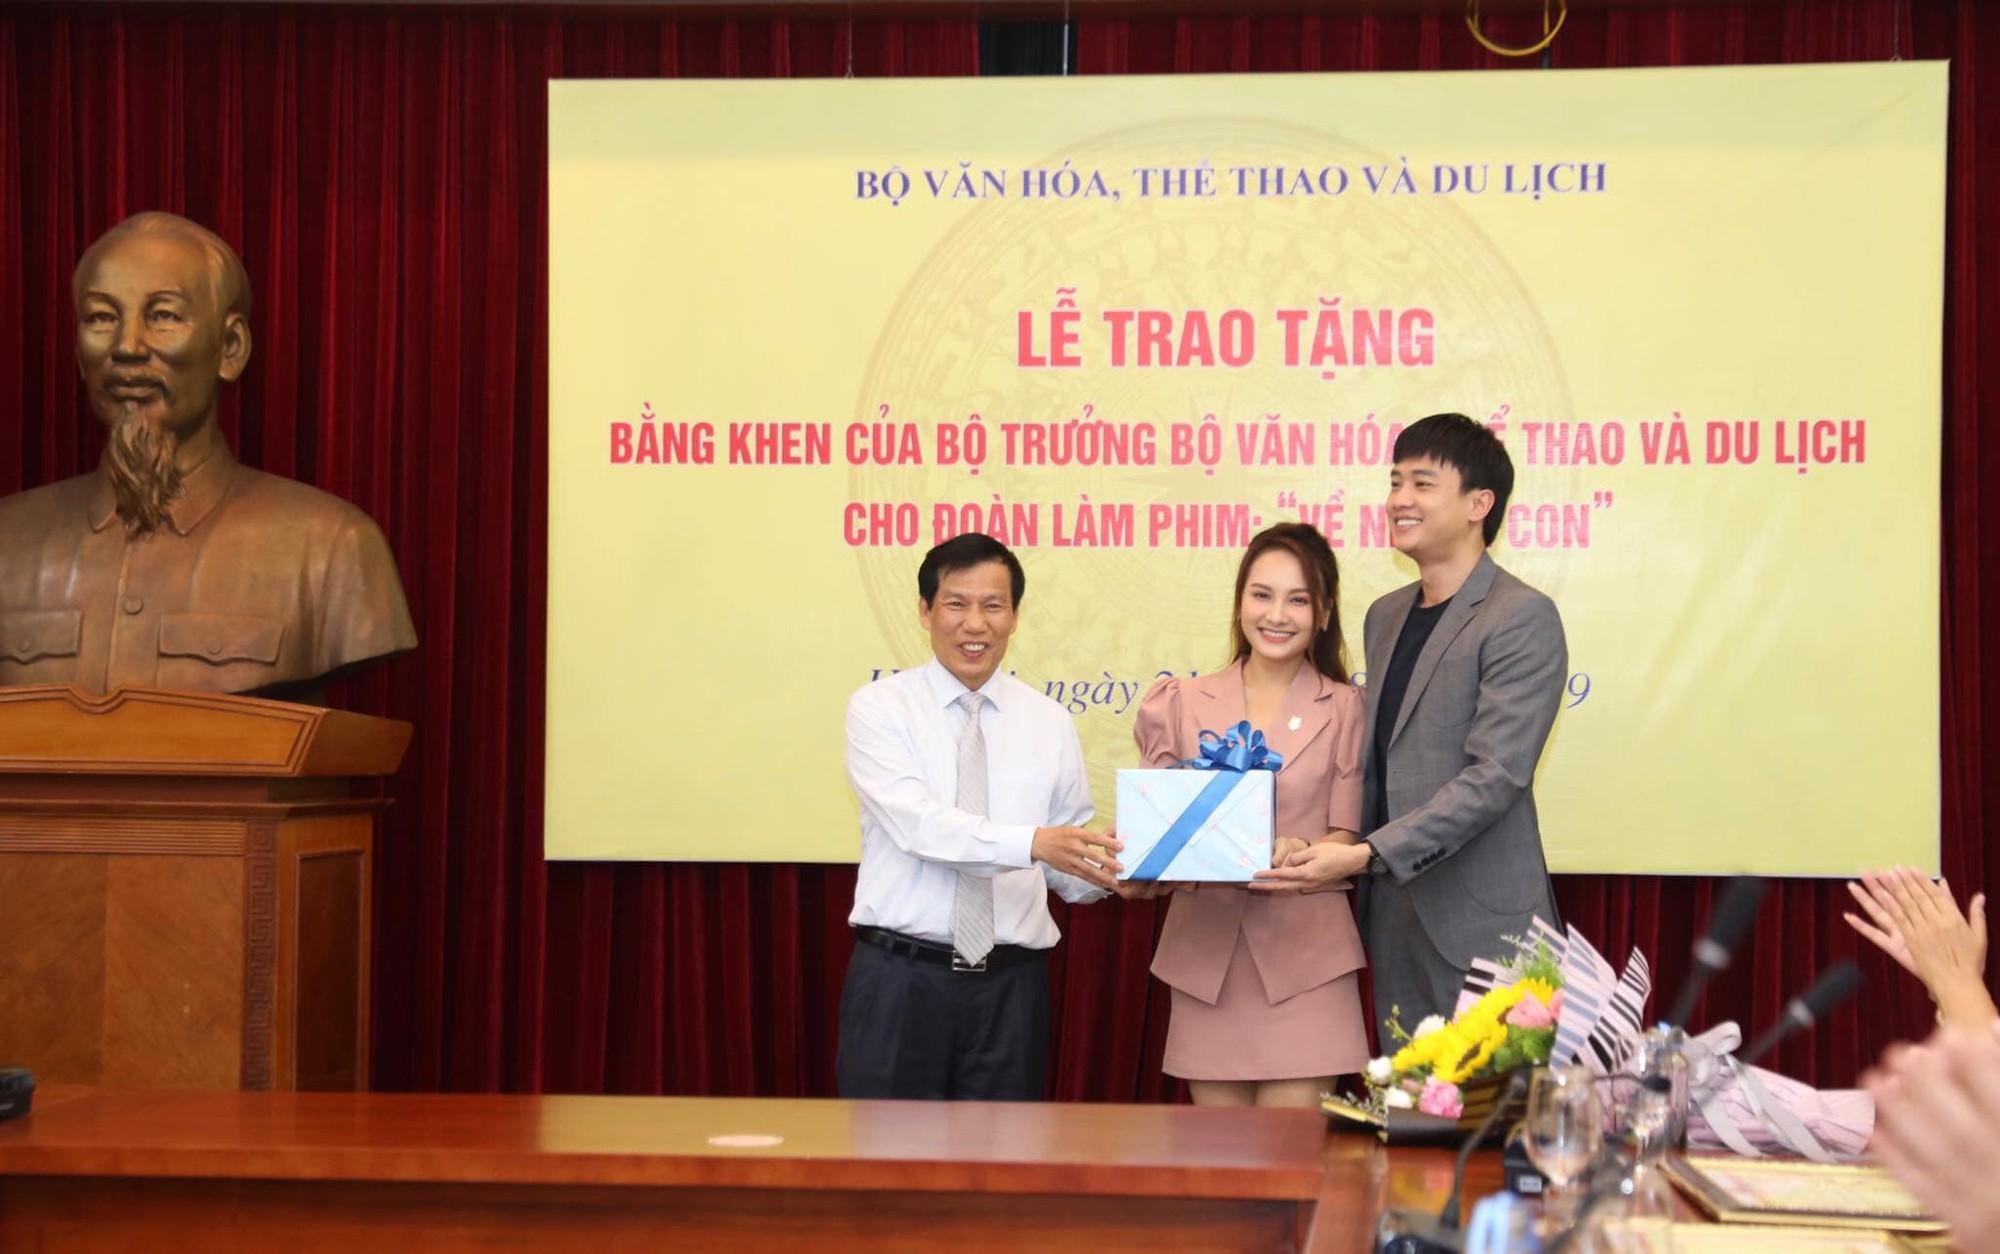 Về nhà đi con: Khải - Trọng Hùng lên tiếng về việc không được tặng bằng khen của Bộ VH-TT&DL-2